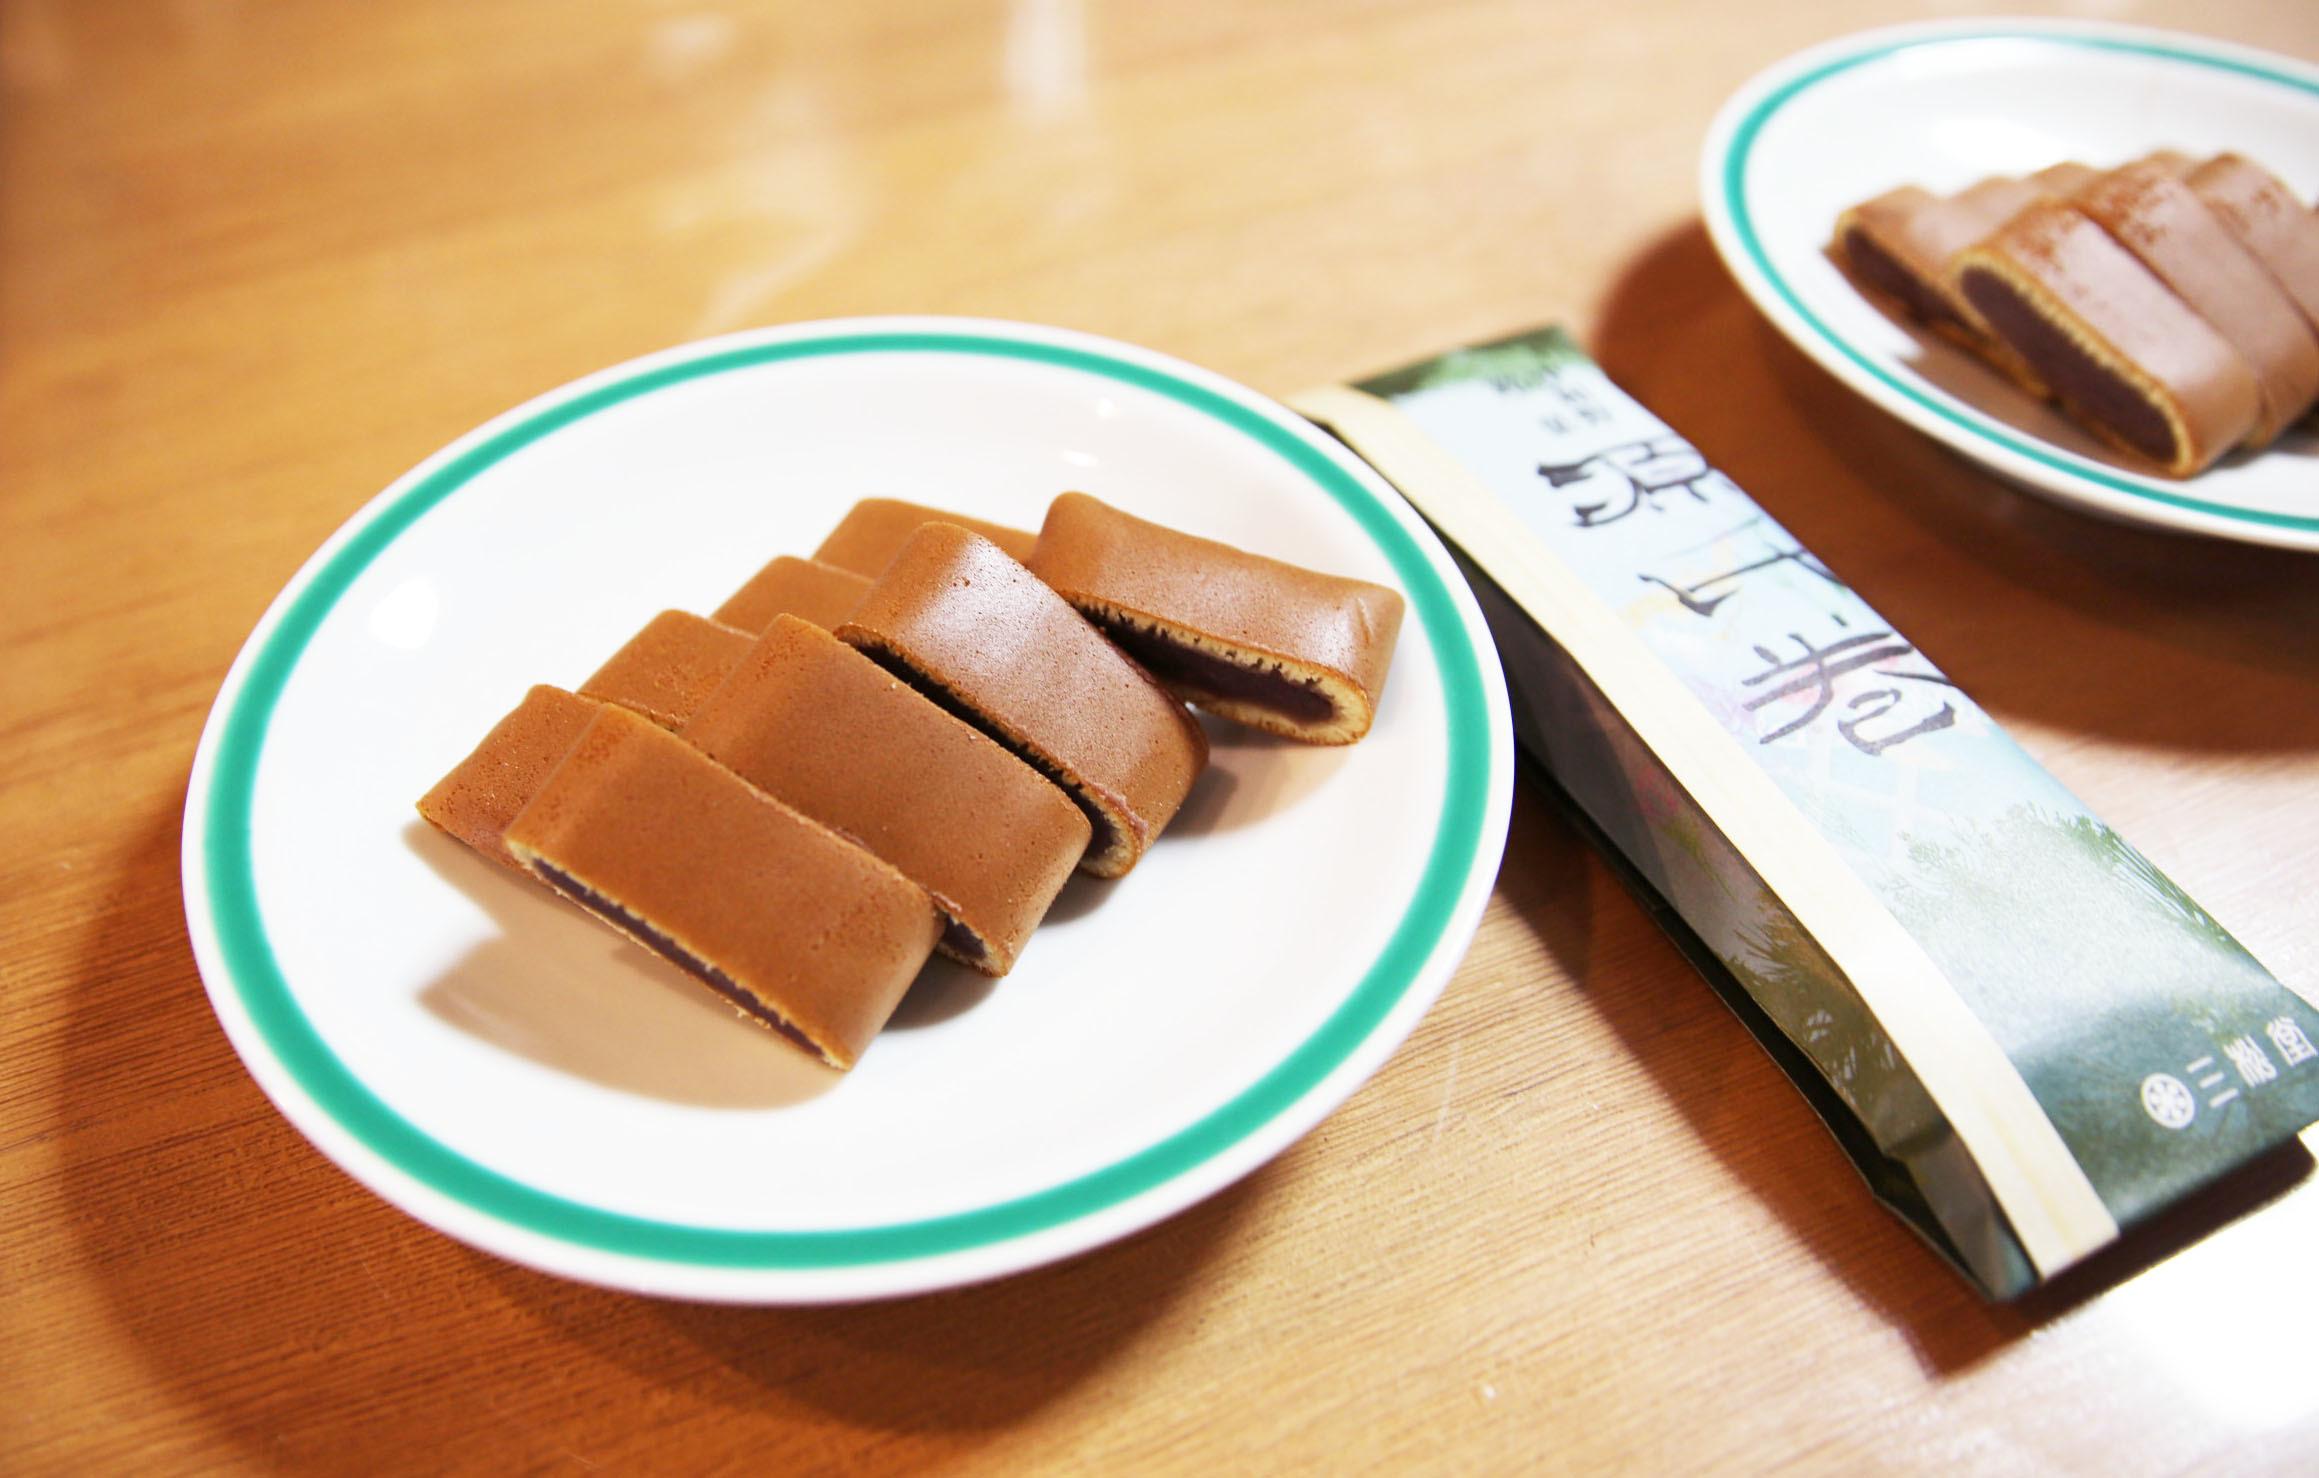 源氏巻は食べ比べする。